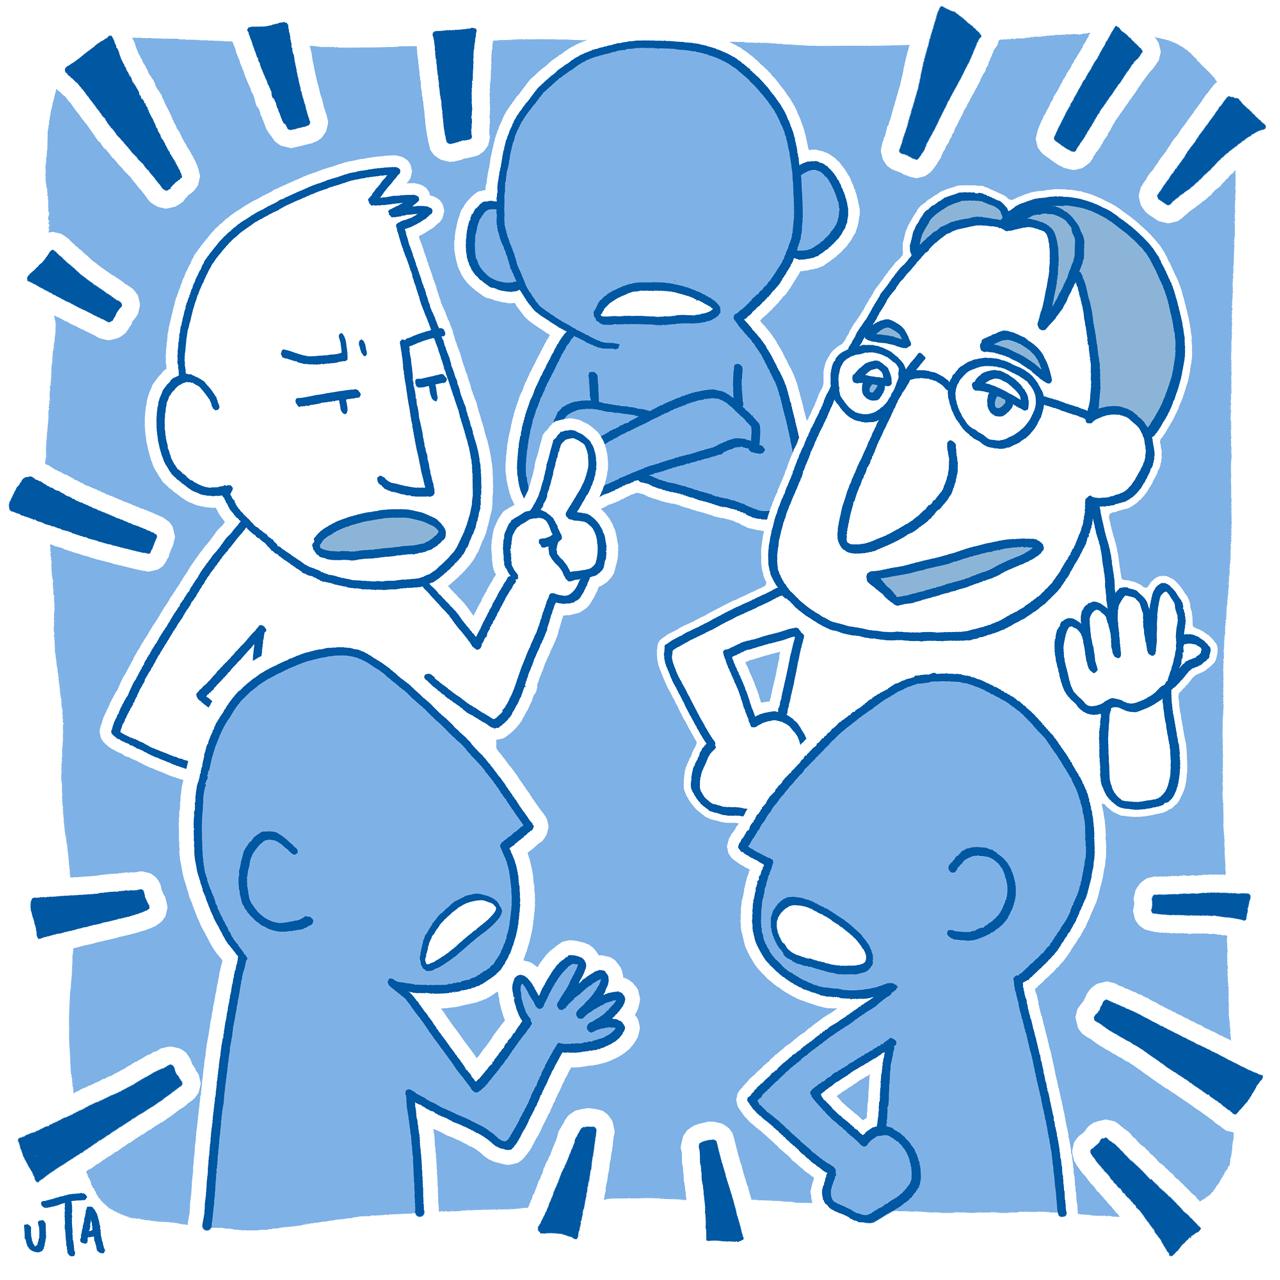 「同調圧力」では何も深掘りされない──カーネルハッカー・小崎資広(6)